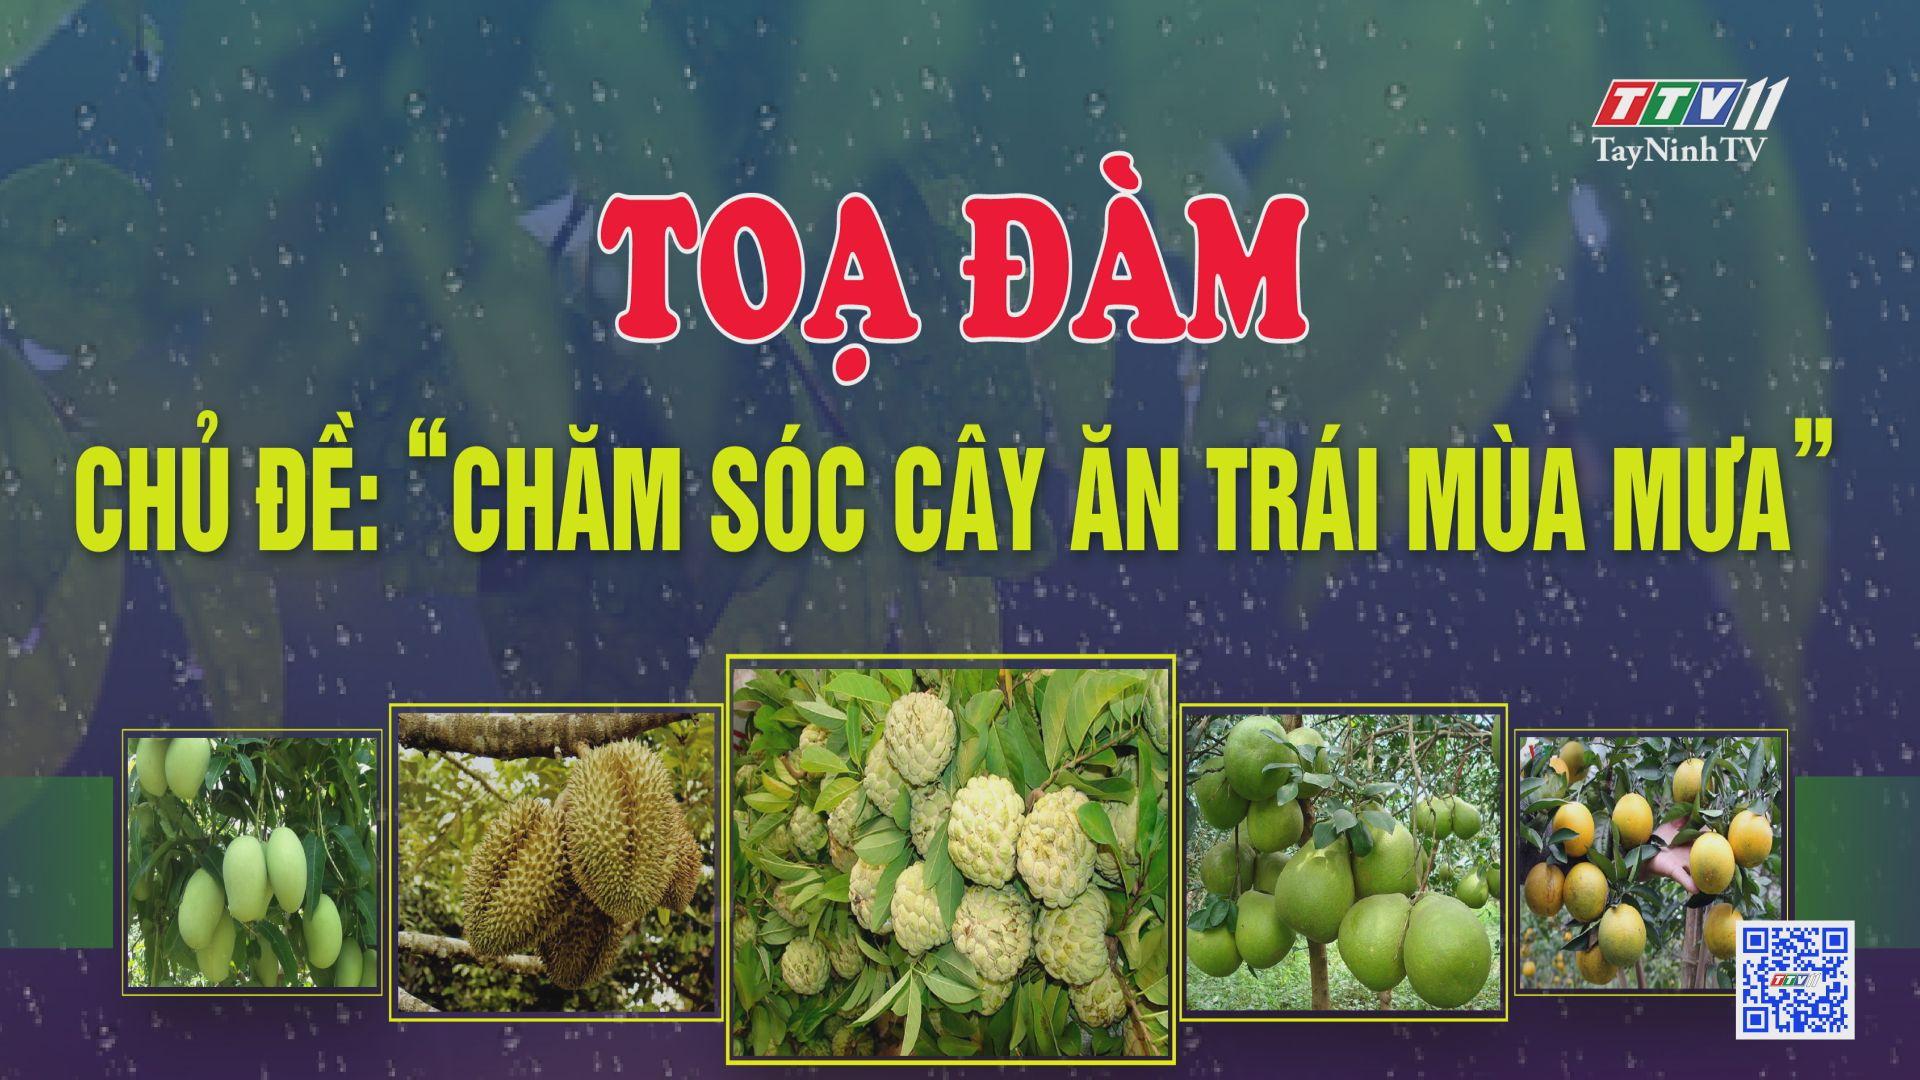 TRỰC TIẾP-Tọa đàm: Chăm sóc cây ăn trái trong điều kiện mùa mưa | CHUYỆN NHÀ NÔNG | TayNinhTV